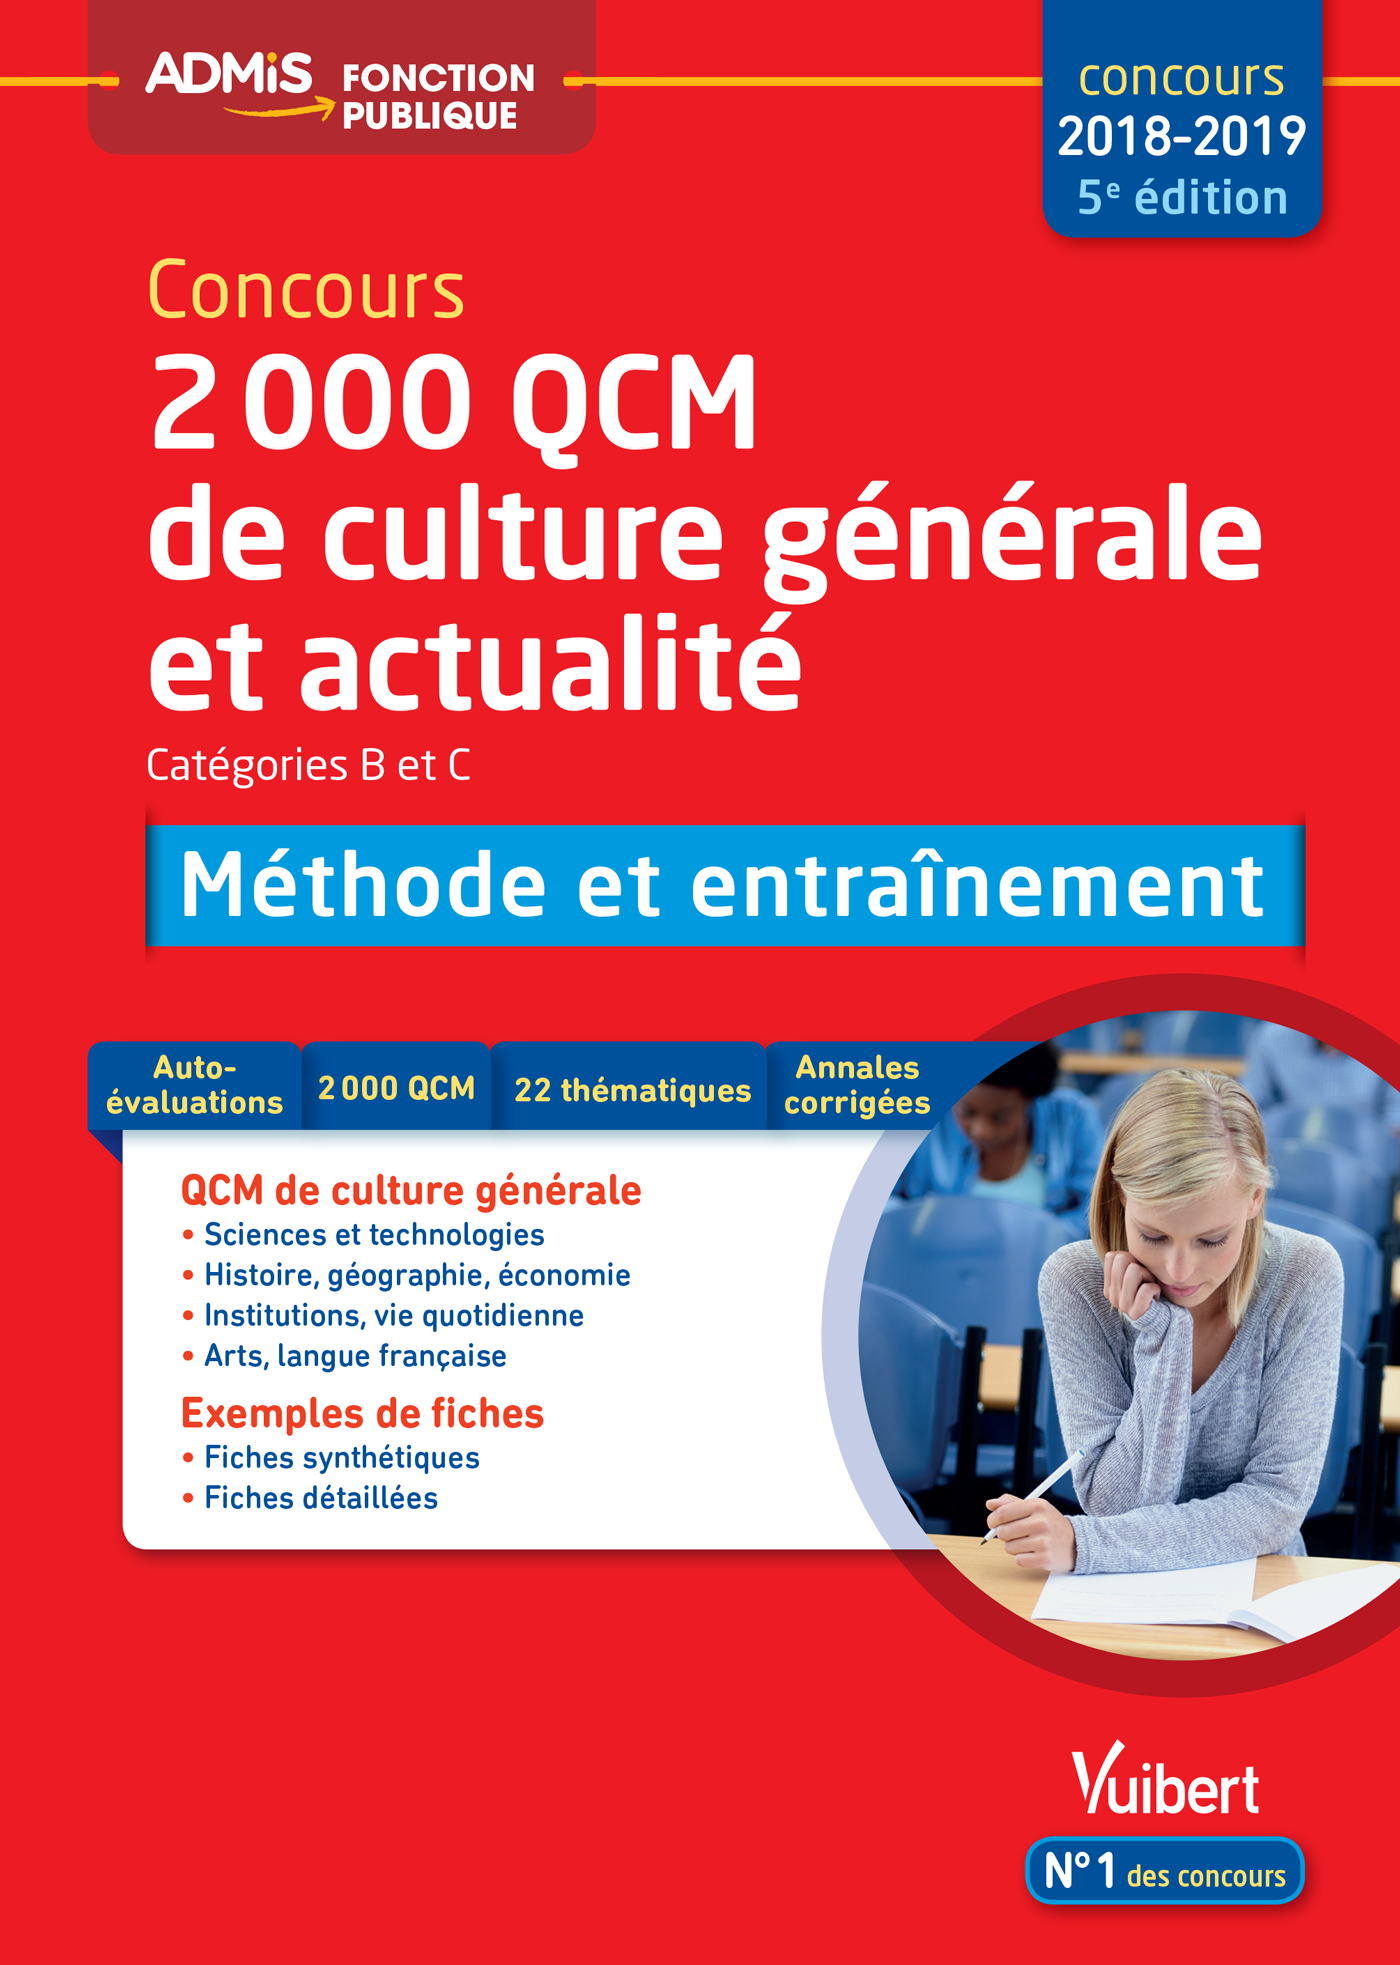 2000 QCM de culture générale et actualité - Méthode et entraînement -  Catégories B et C | Vuibert